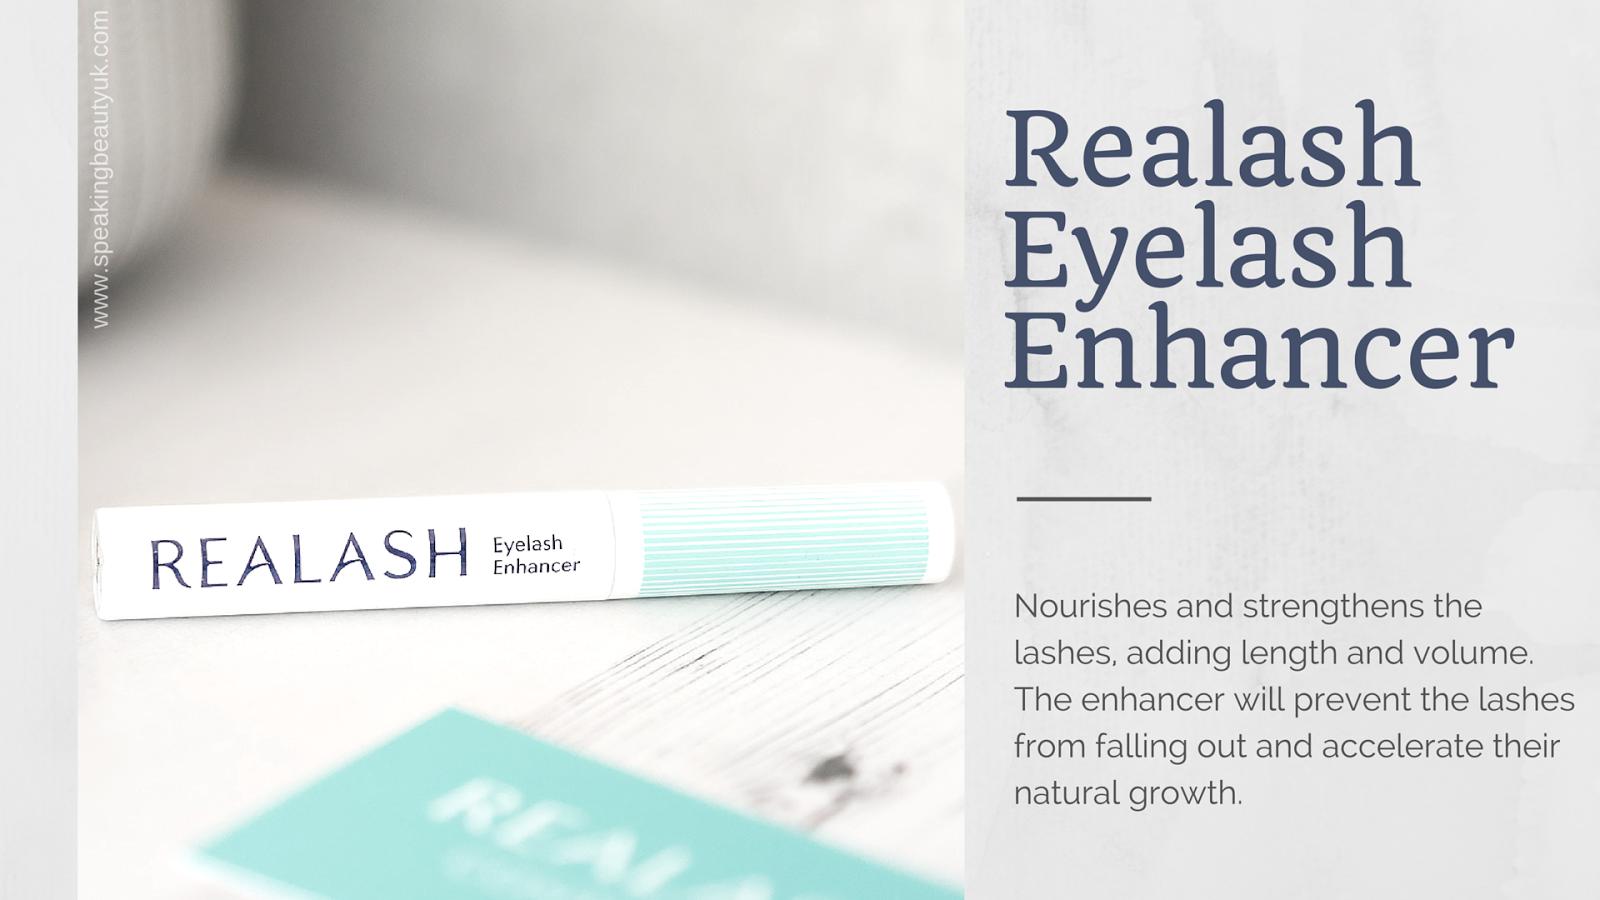 Realash Eyelash Enhancer Giveaway